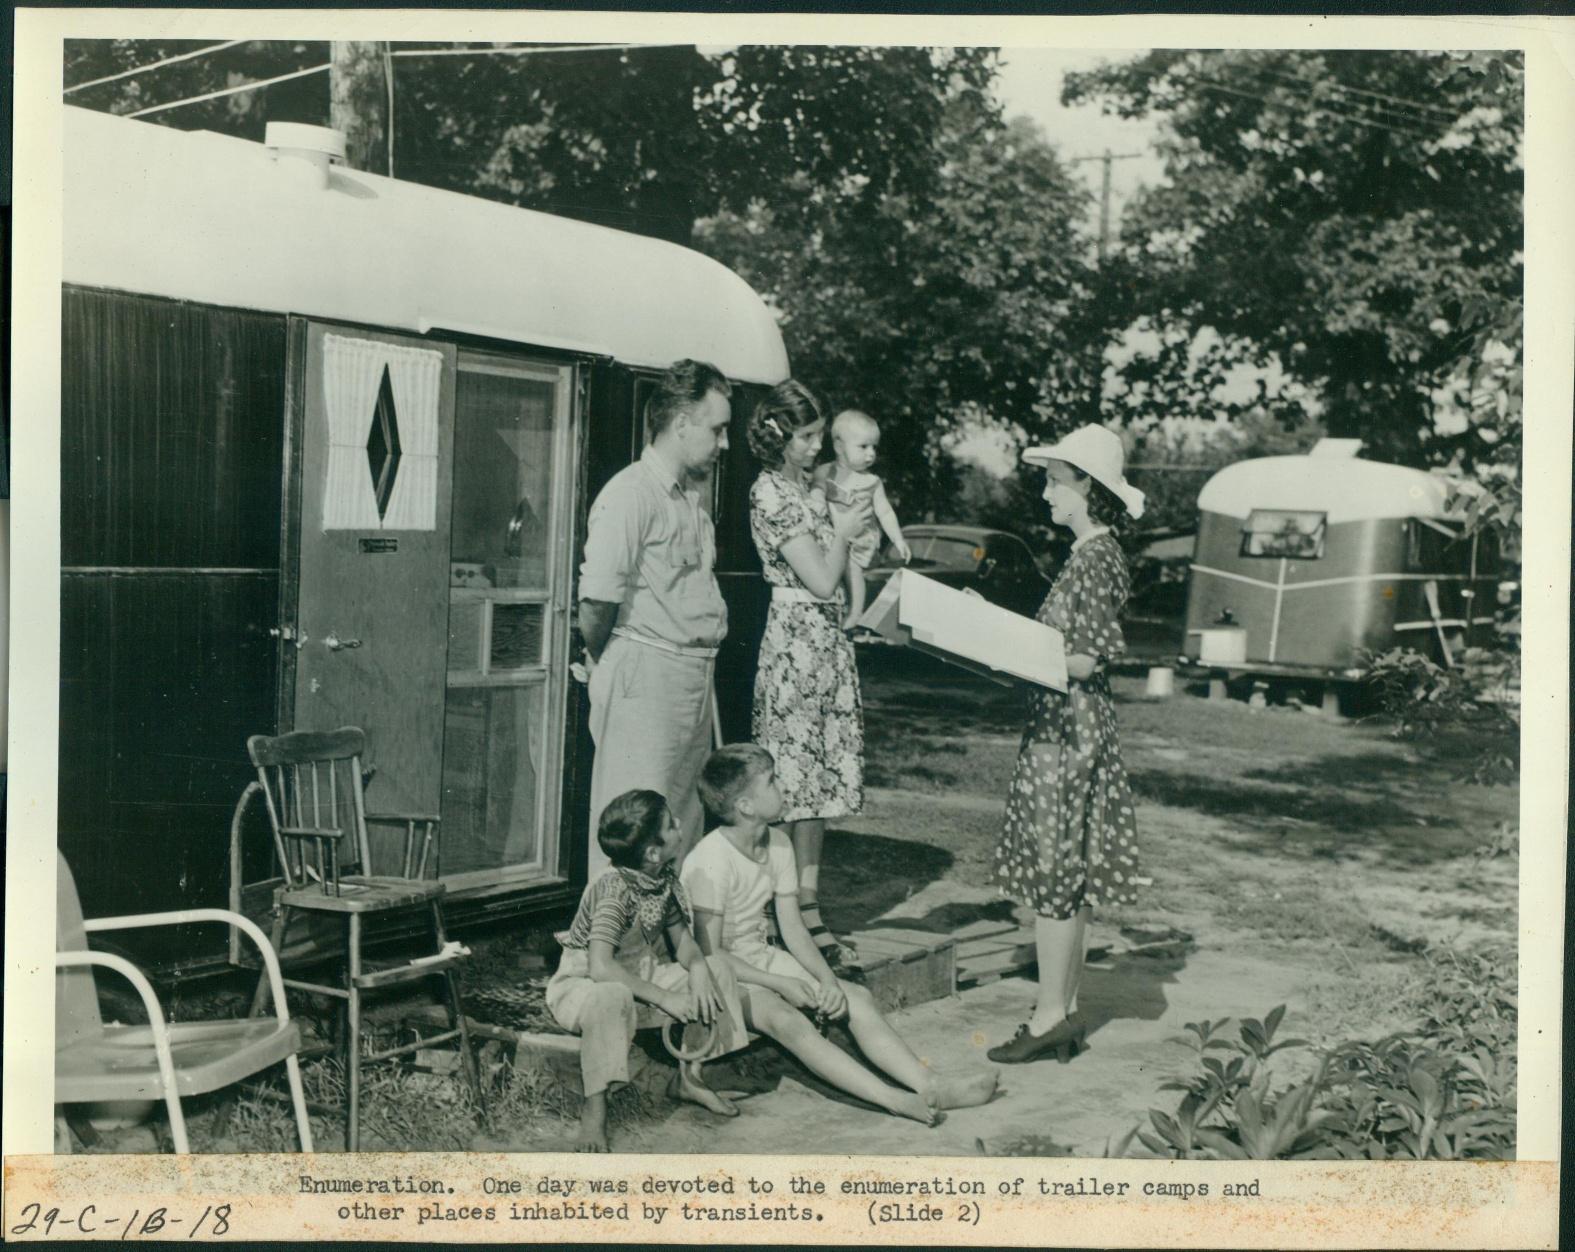 1950 census enumerator at Motor Camp